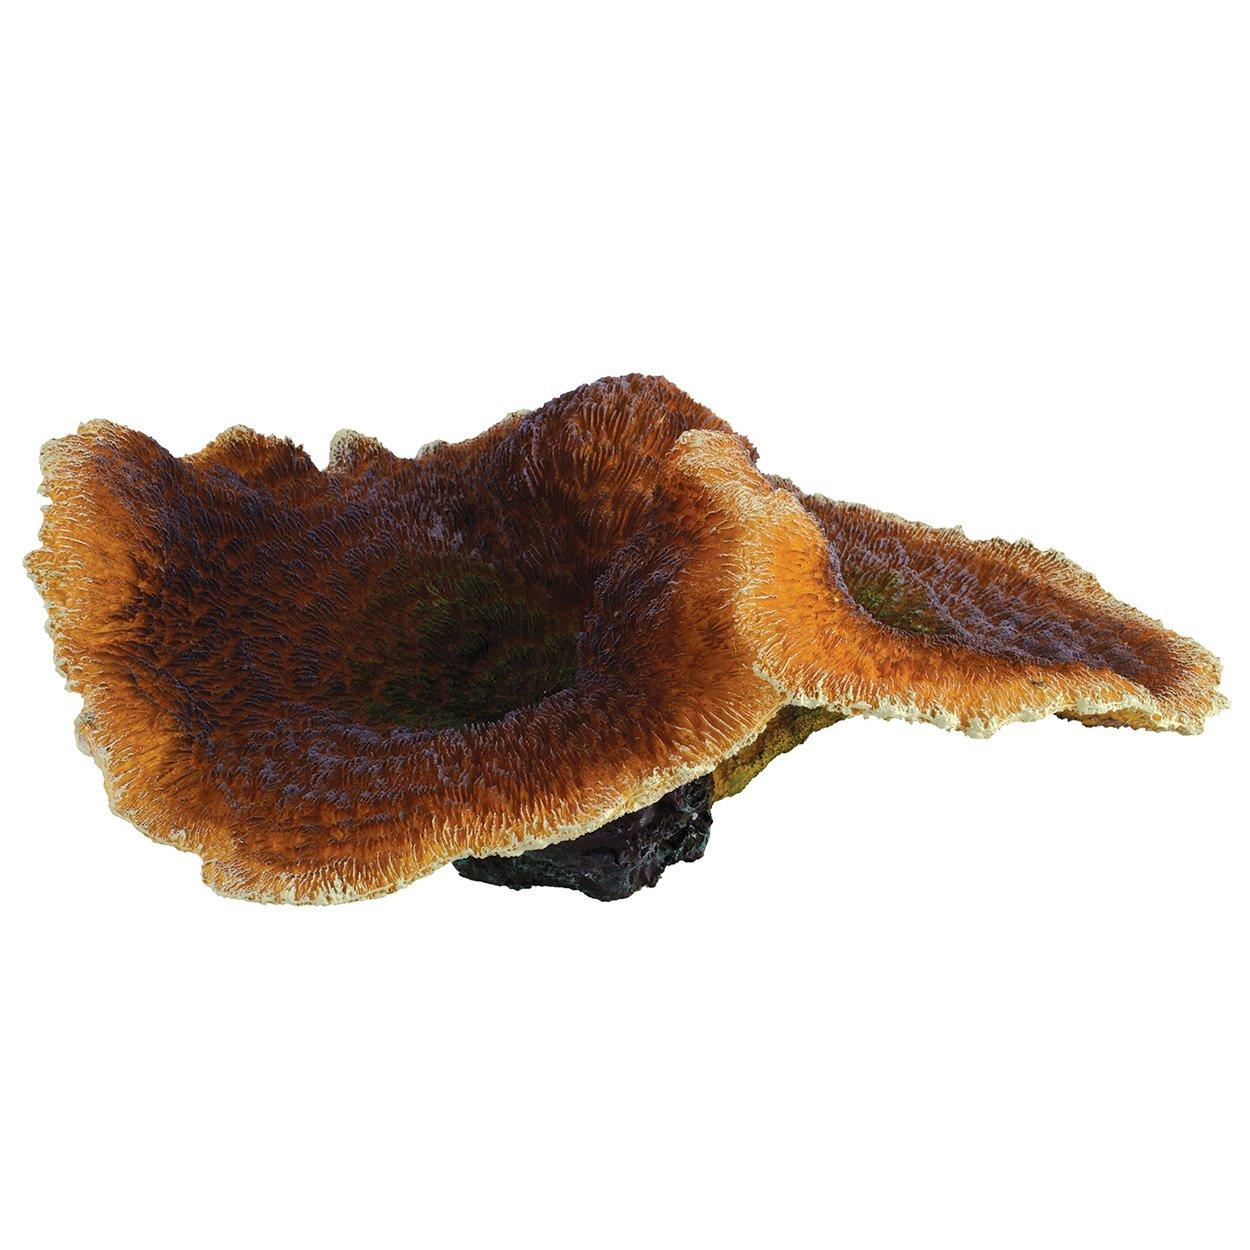 Underwater Treasures 74412 Pimpled Brown Mushroom Coral by Underwater Treasures